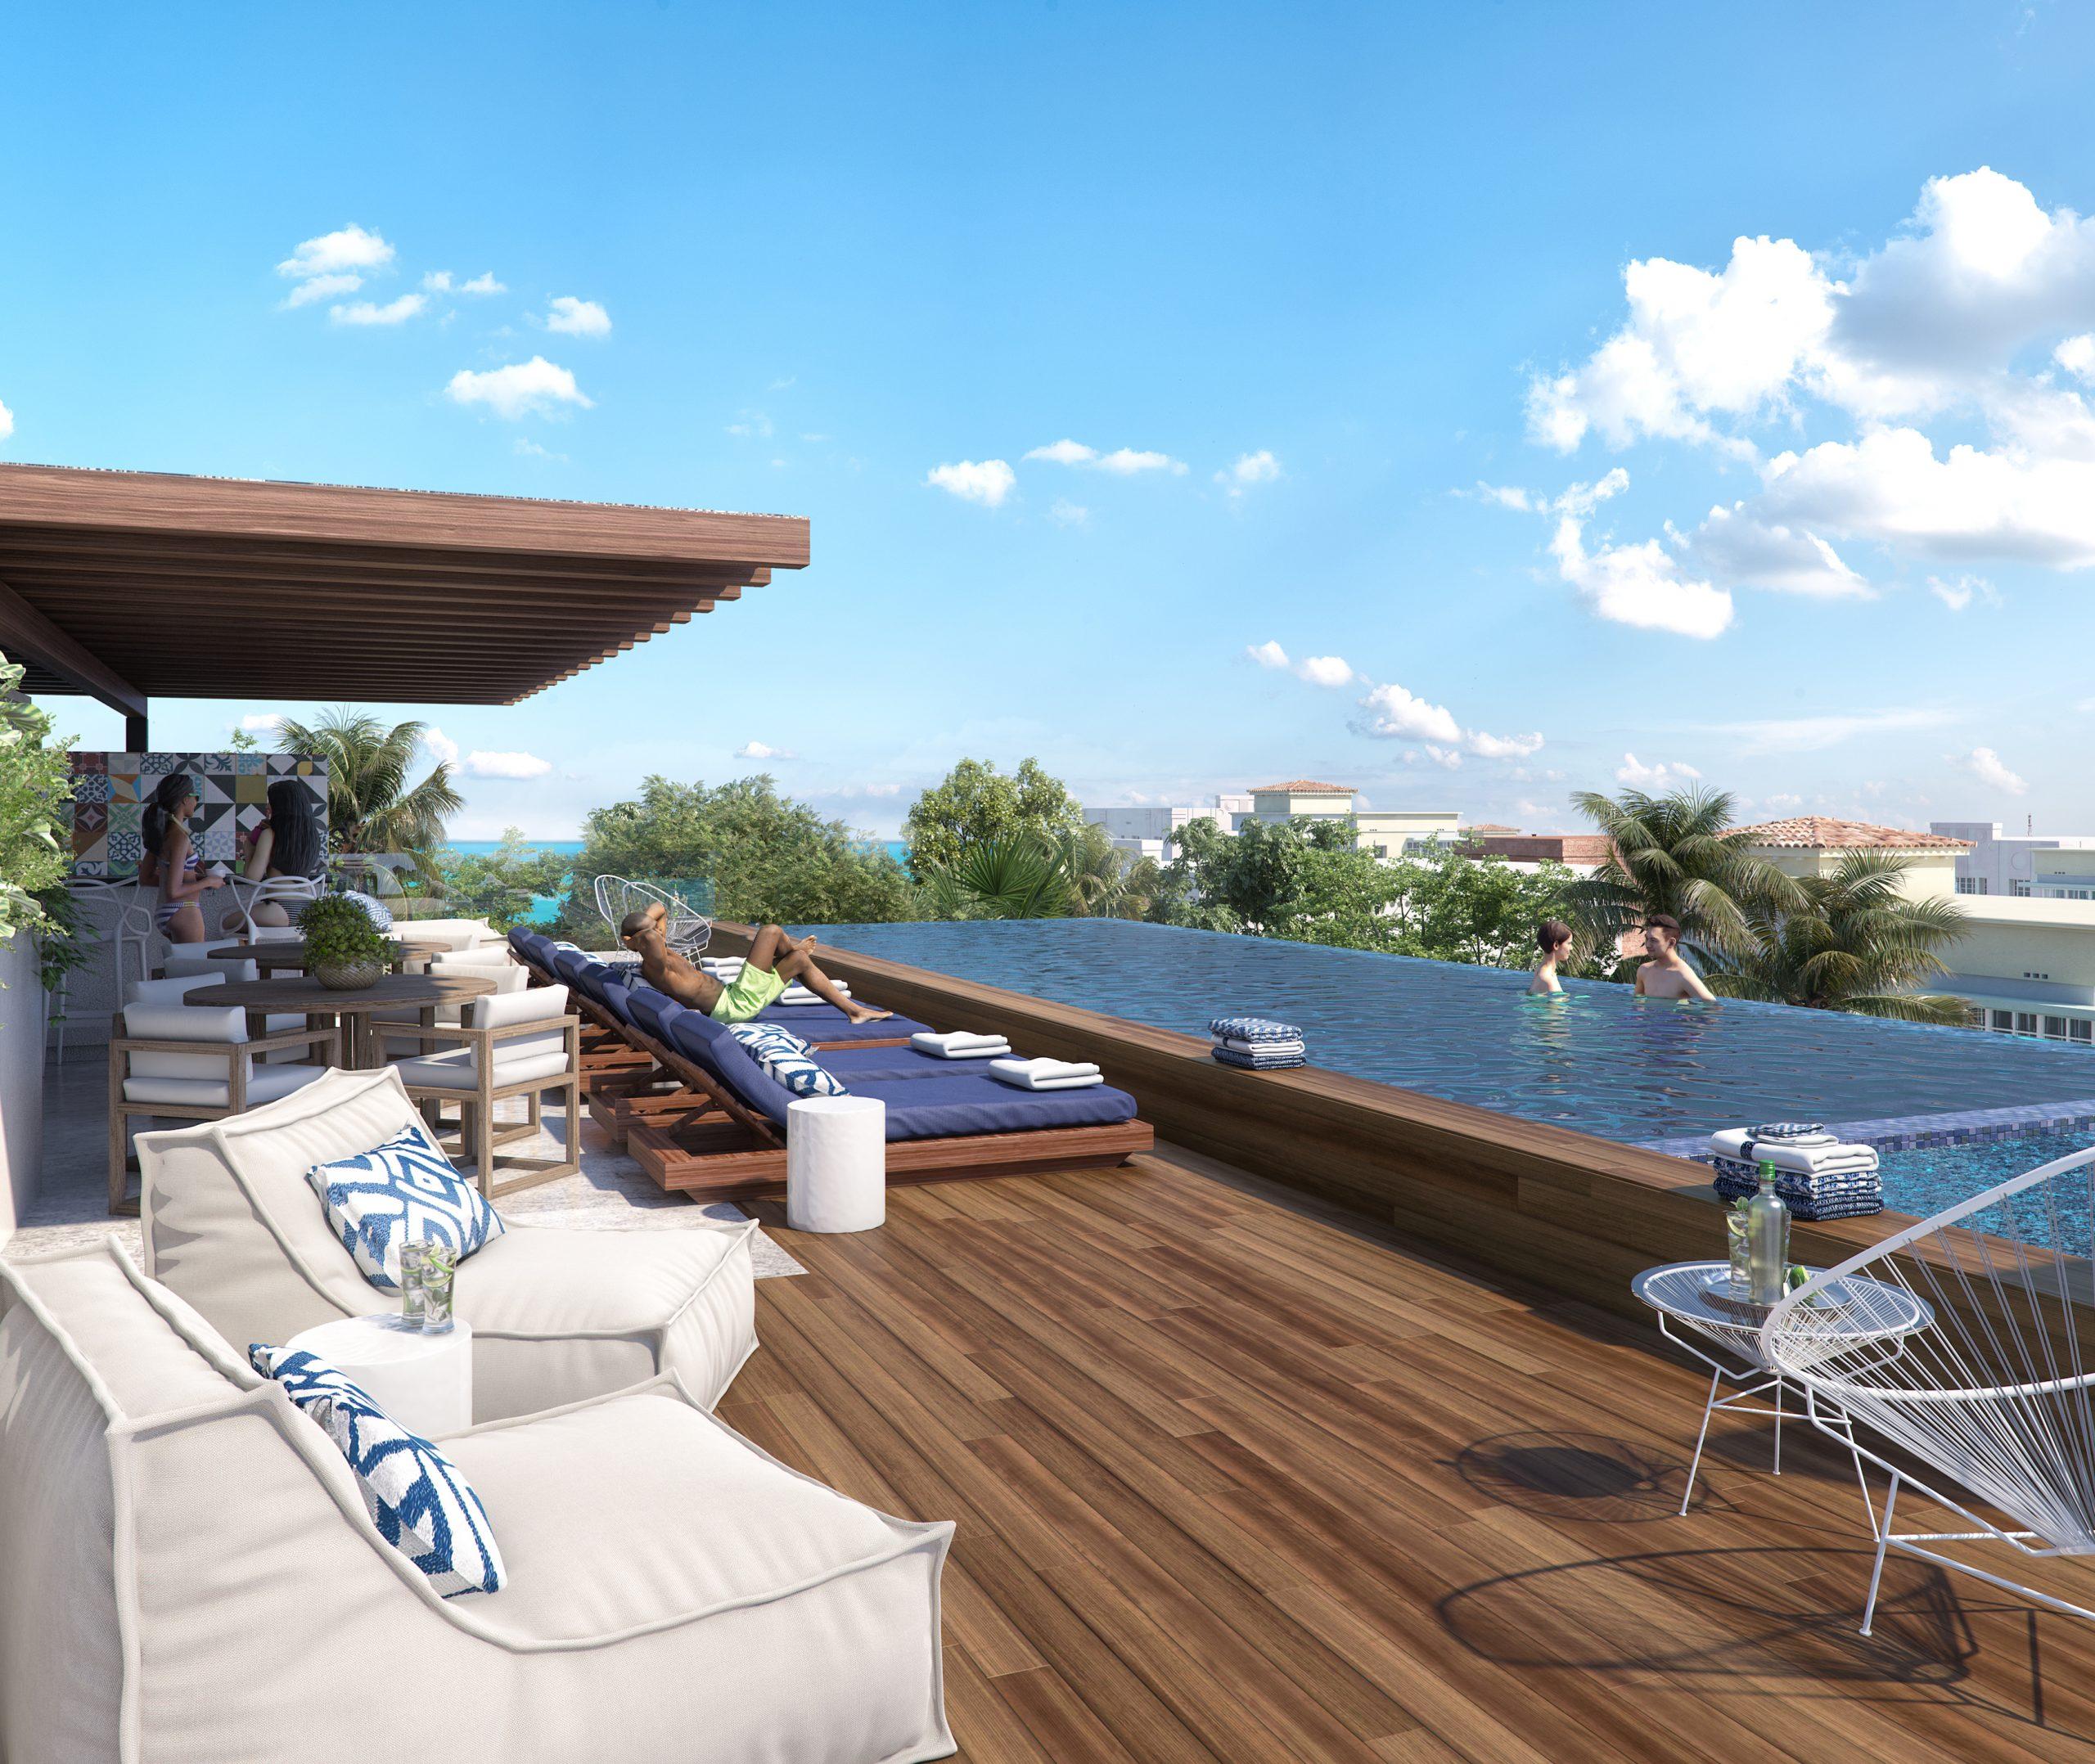 04 - ROOF - PIEDRAZULL - Pelicano Properties - Playa del Carmen